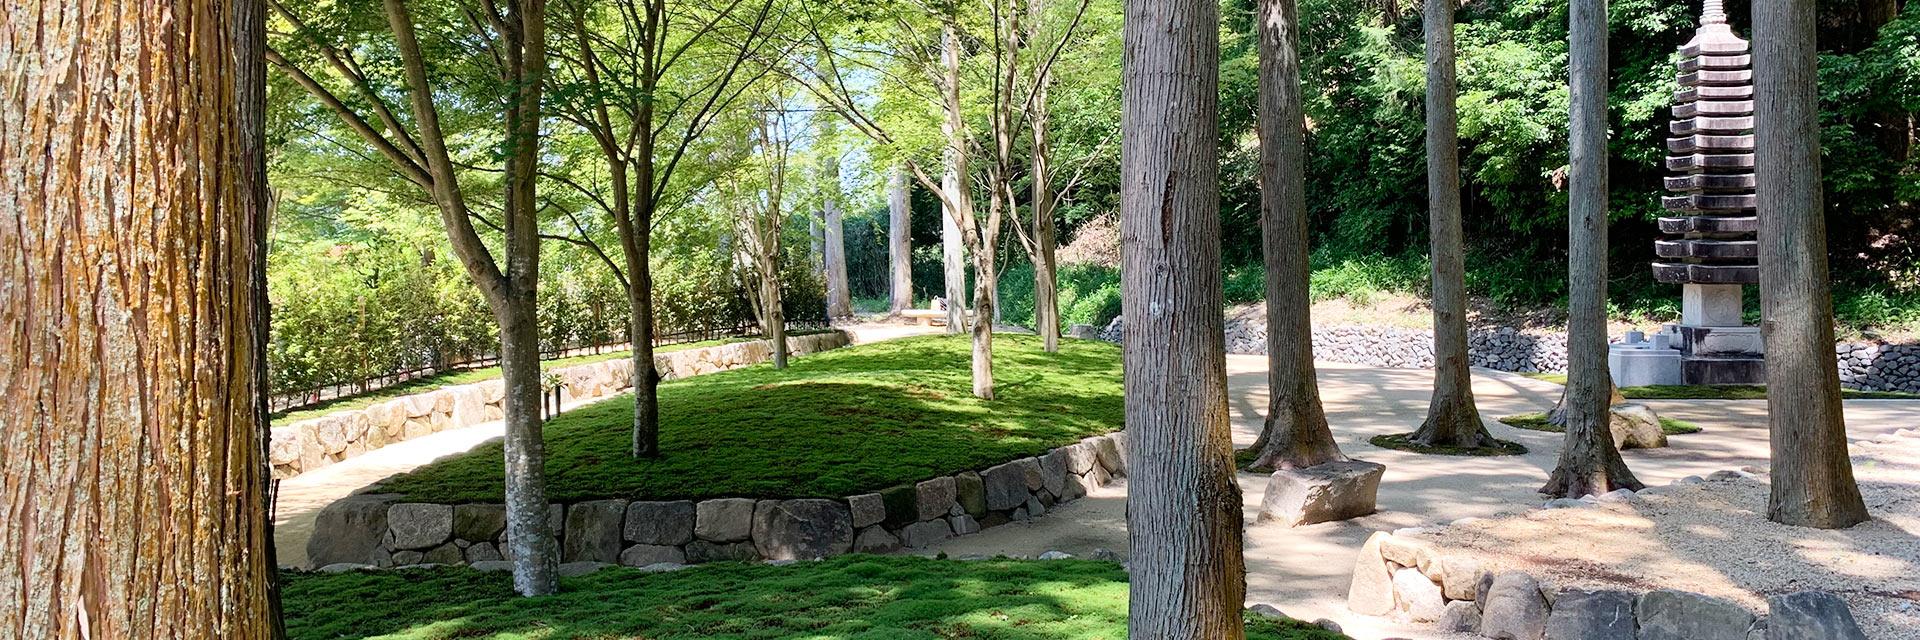 櫟野寺樹木葬墓苑の十三重の石塔の東からの風景